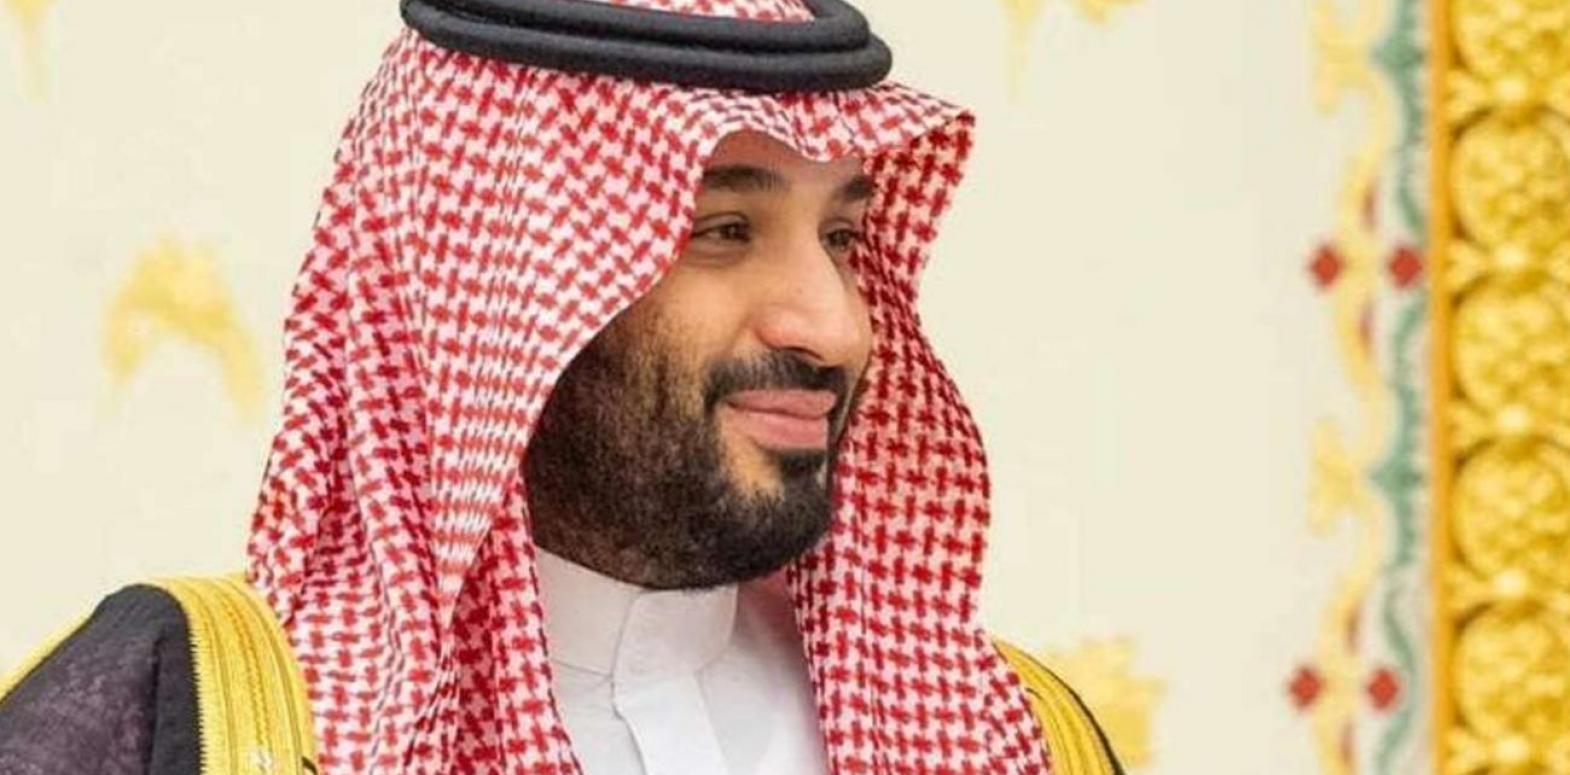 Крупнейший экспортер нефти Саудовская Аравия сократит к 2060 году выбросы до нуля